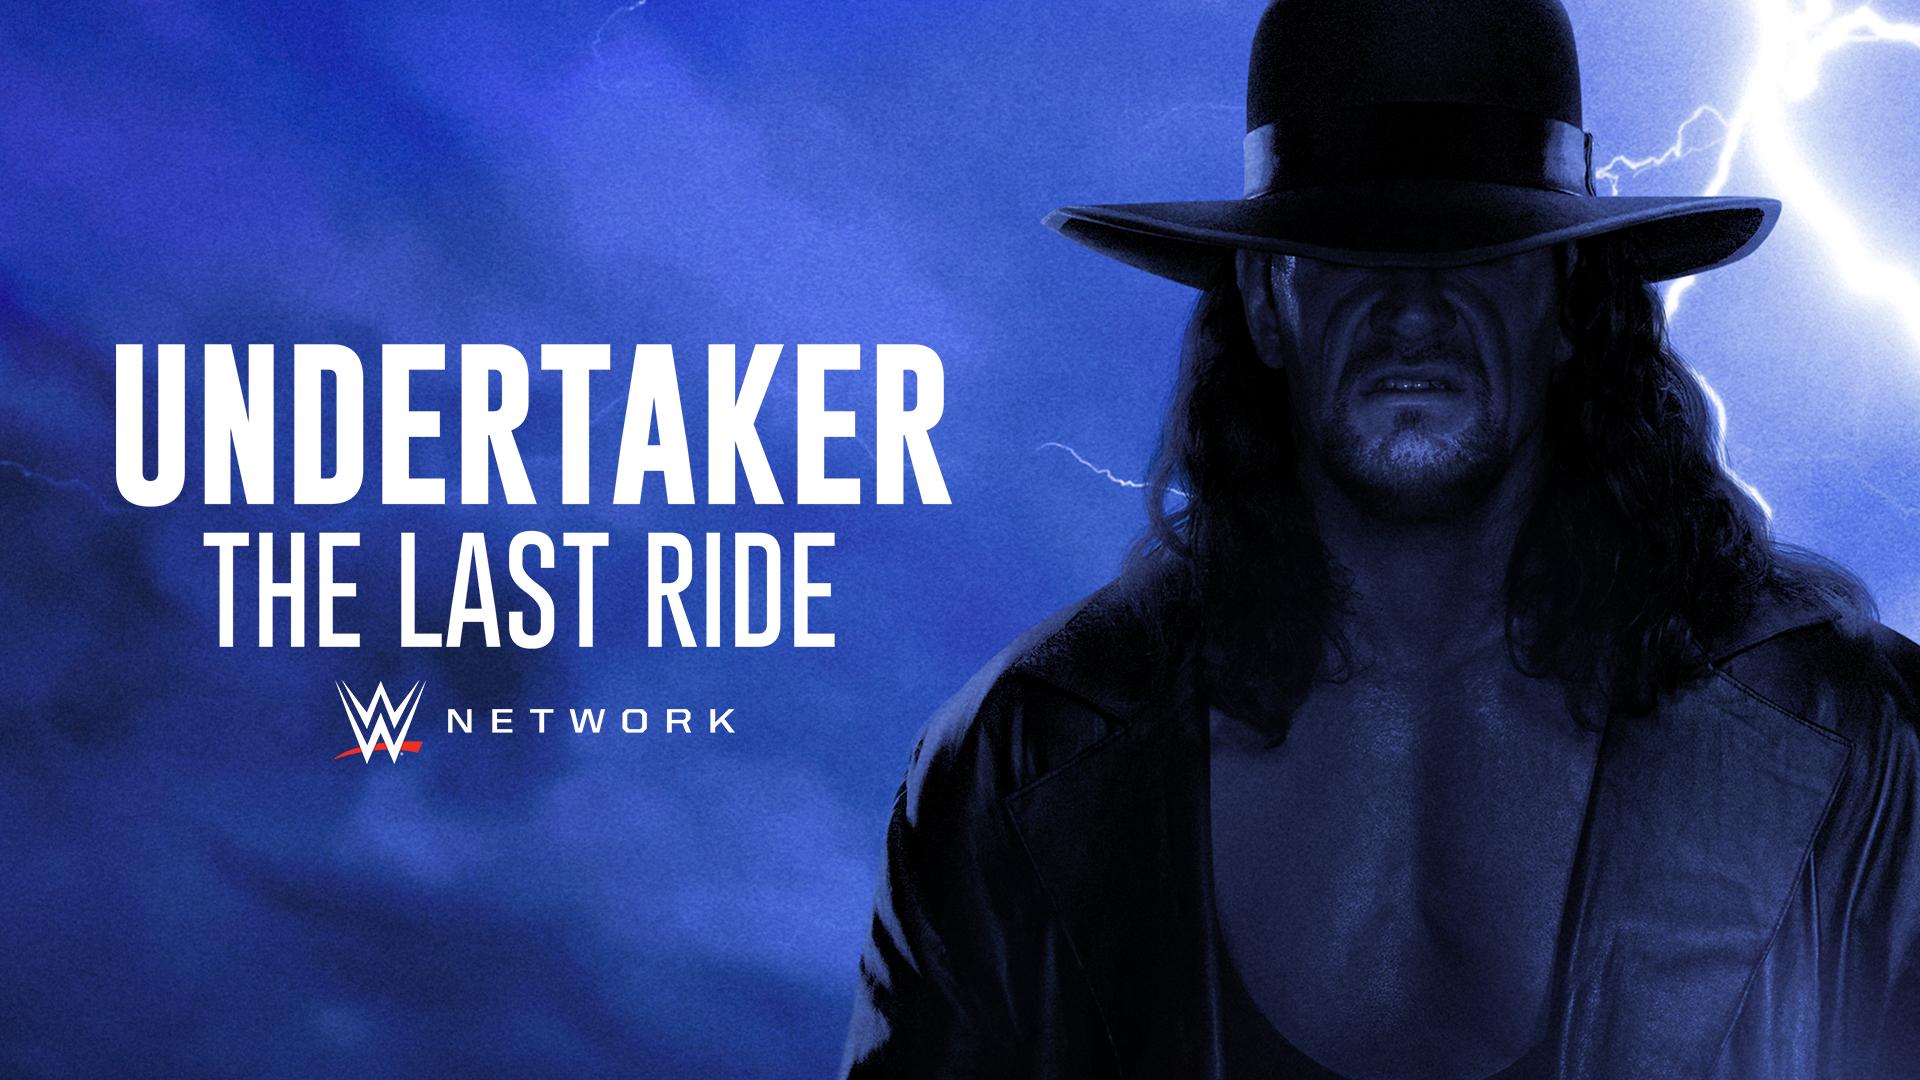 The Undertaker: The Last Ride agora está disponível de forma gratuita na WWE Network